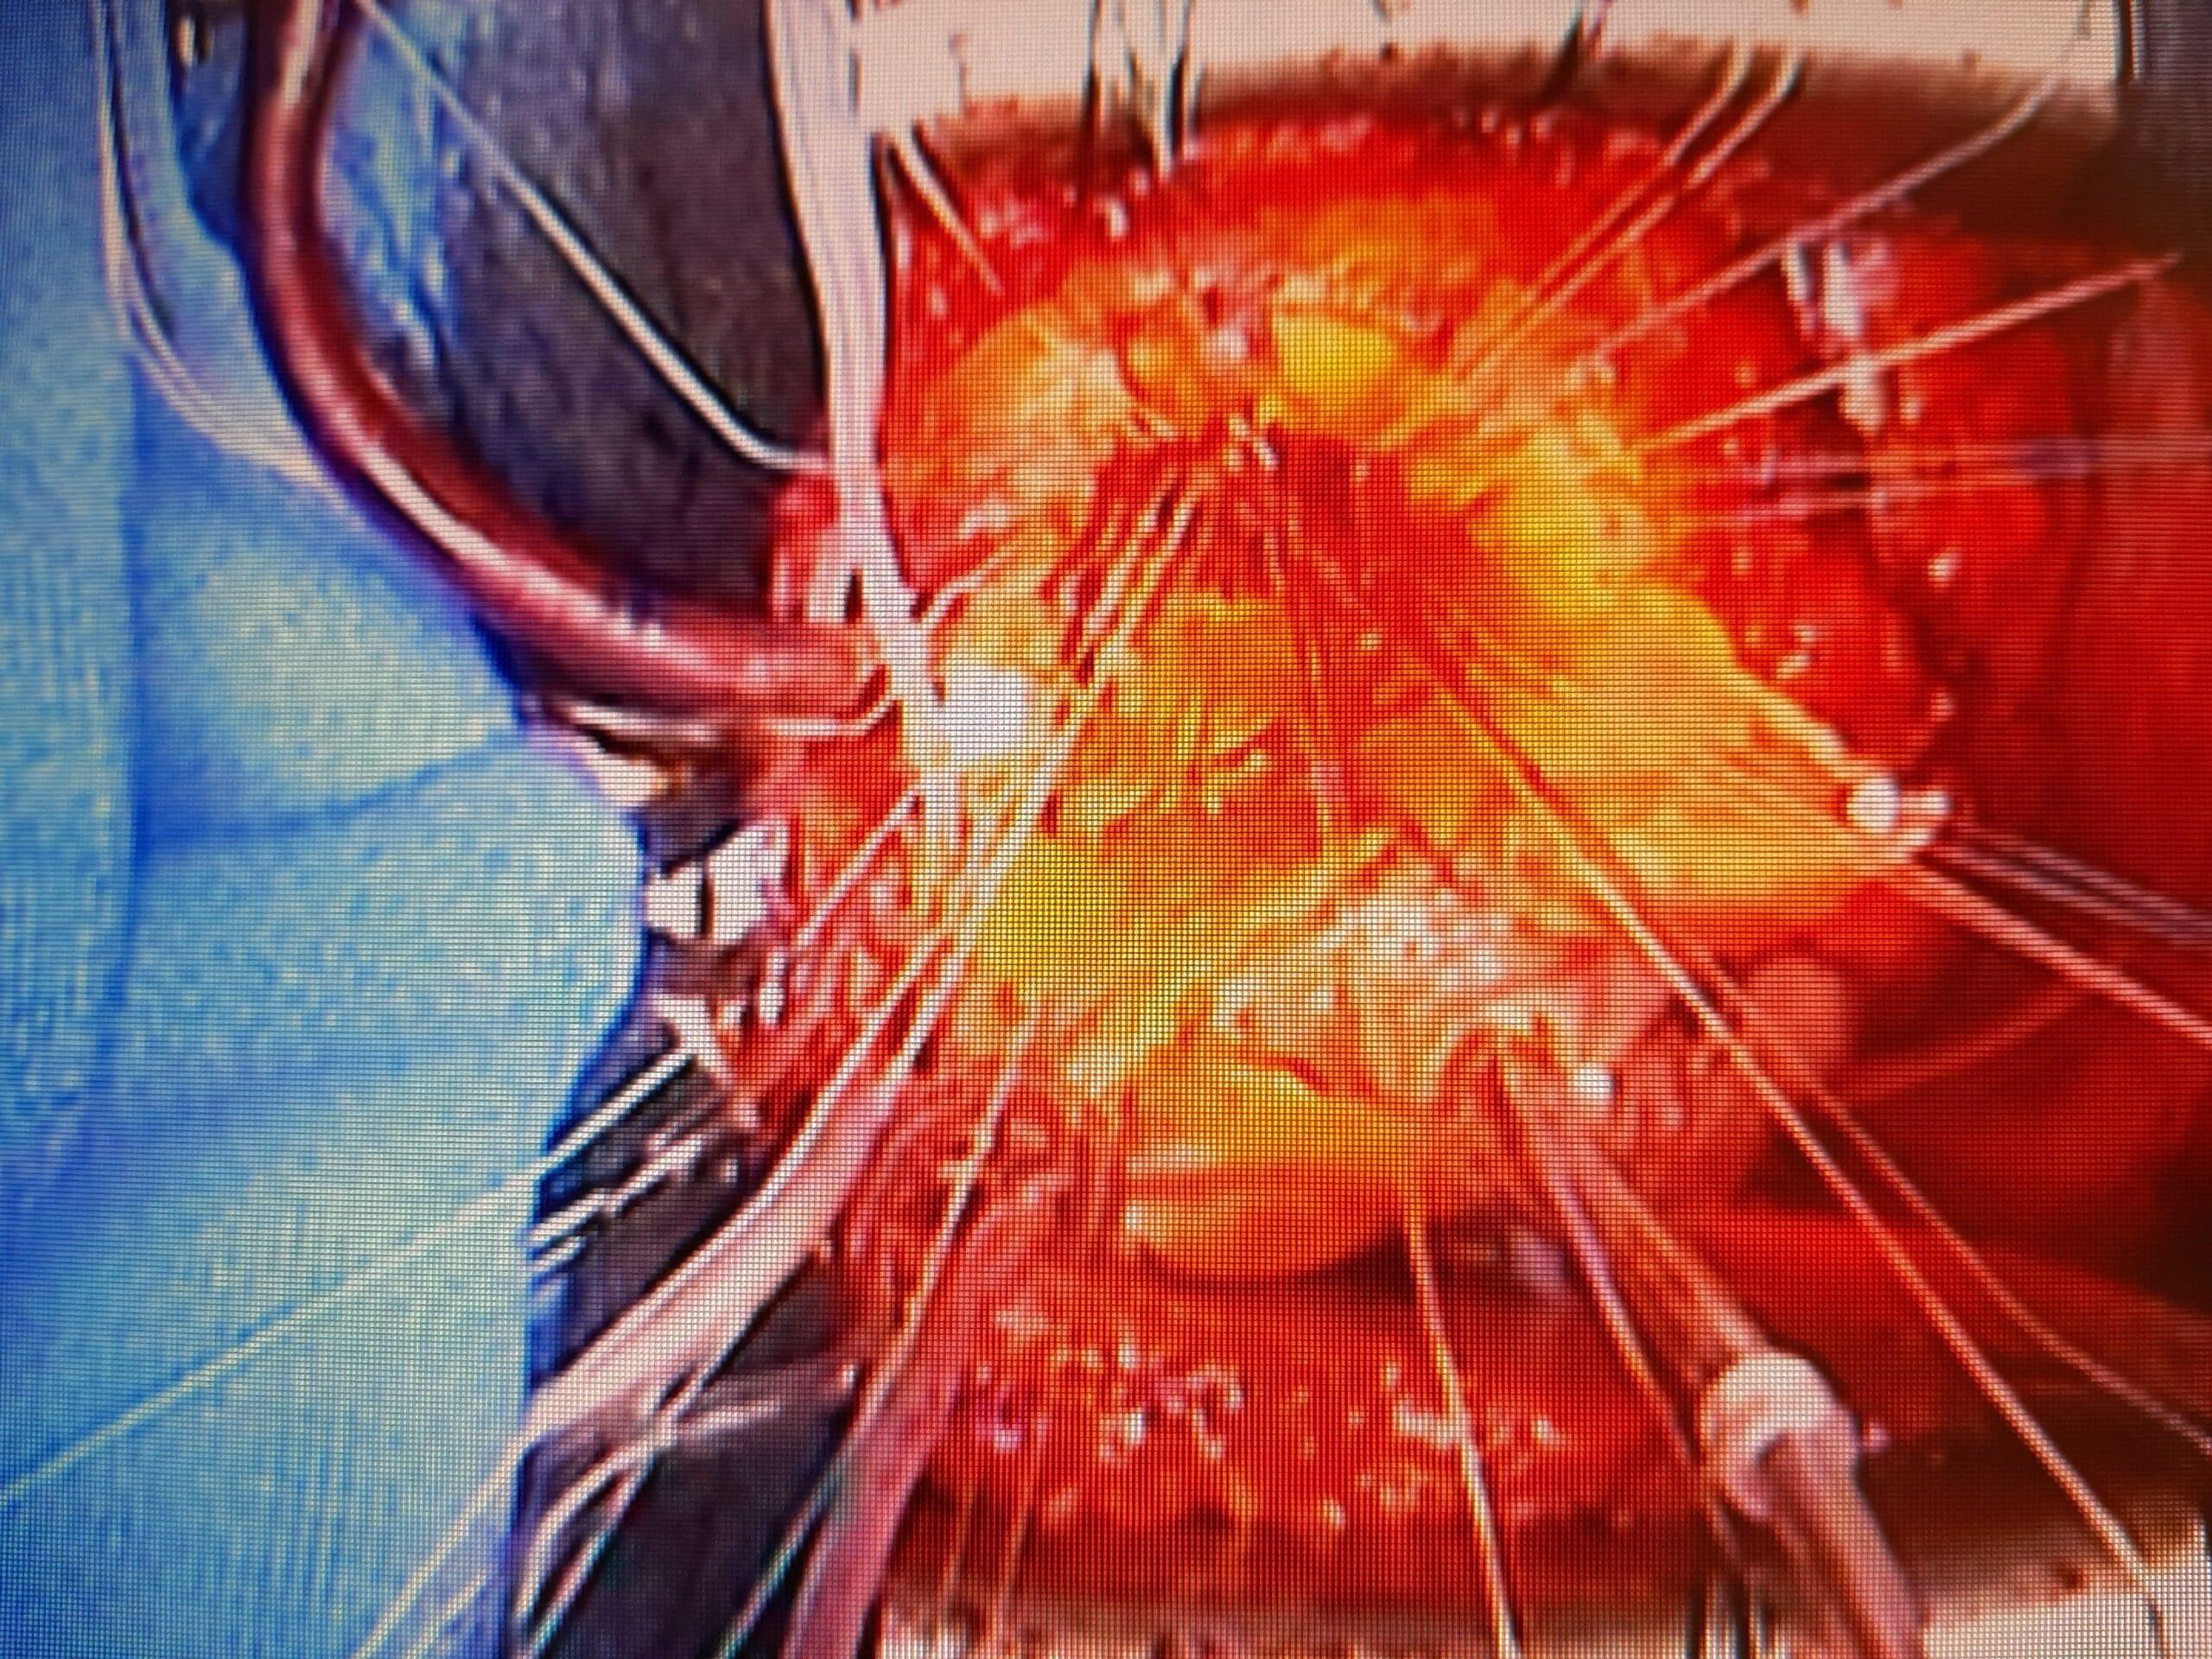 surgery up close